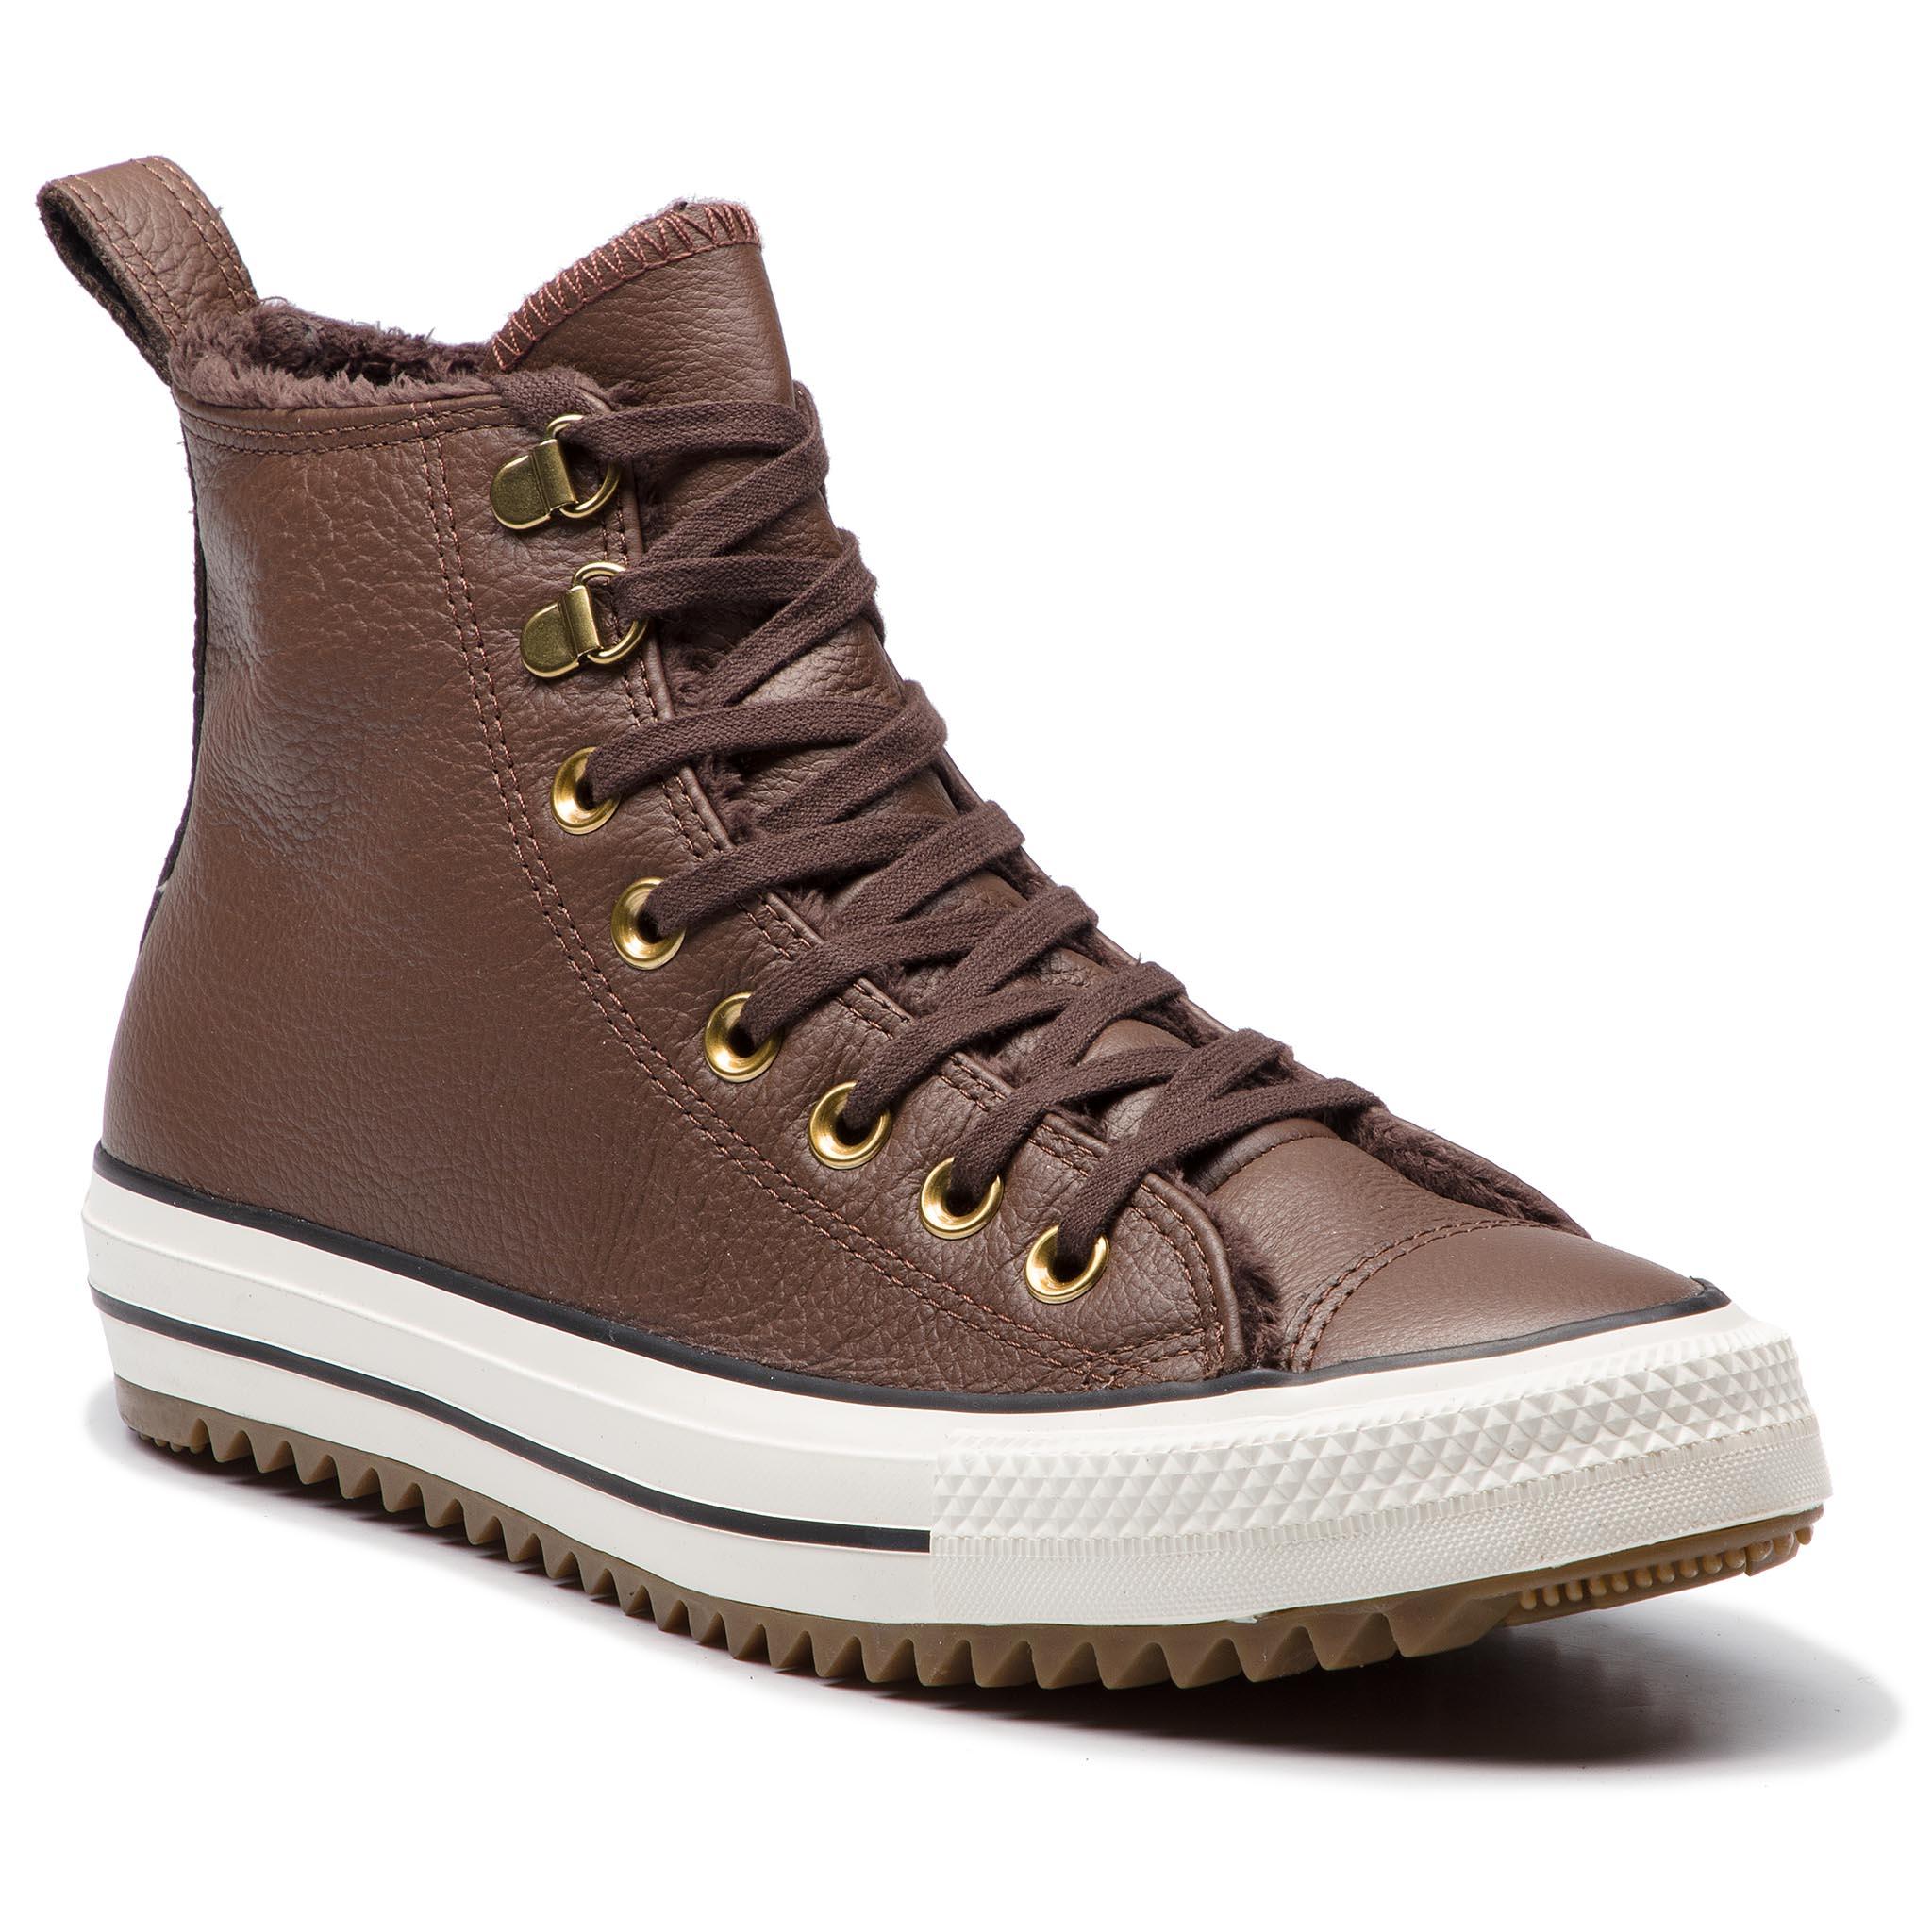 3c50e1de9c73 Sneakersy CONVERSE - Ctas Hiker Boot Hi 161514C Chocolate Egret Gum ...